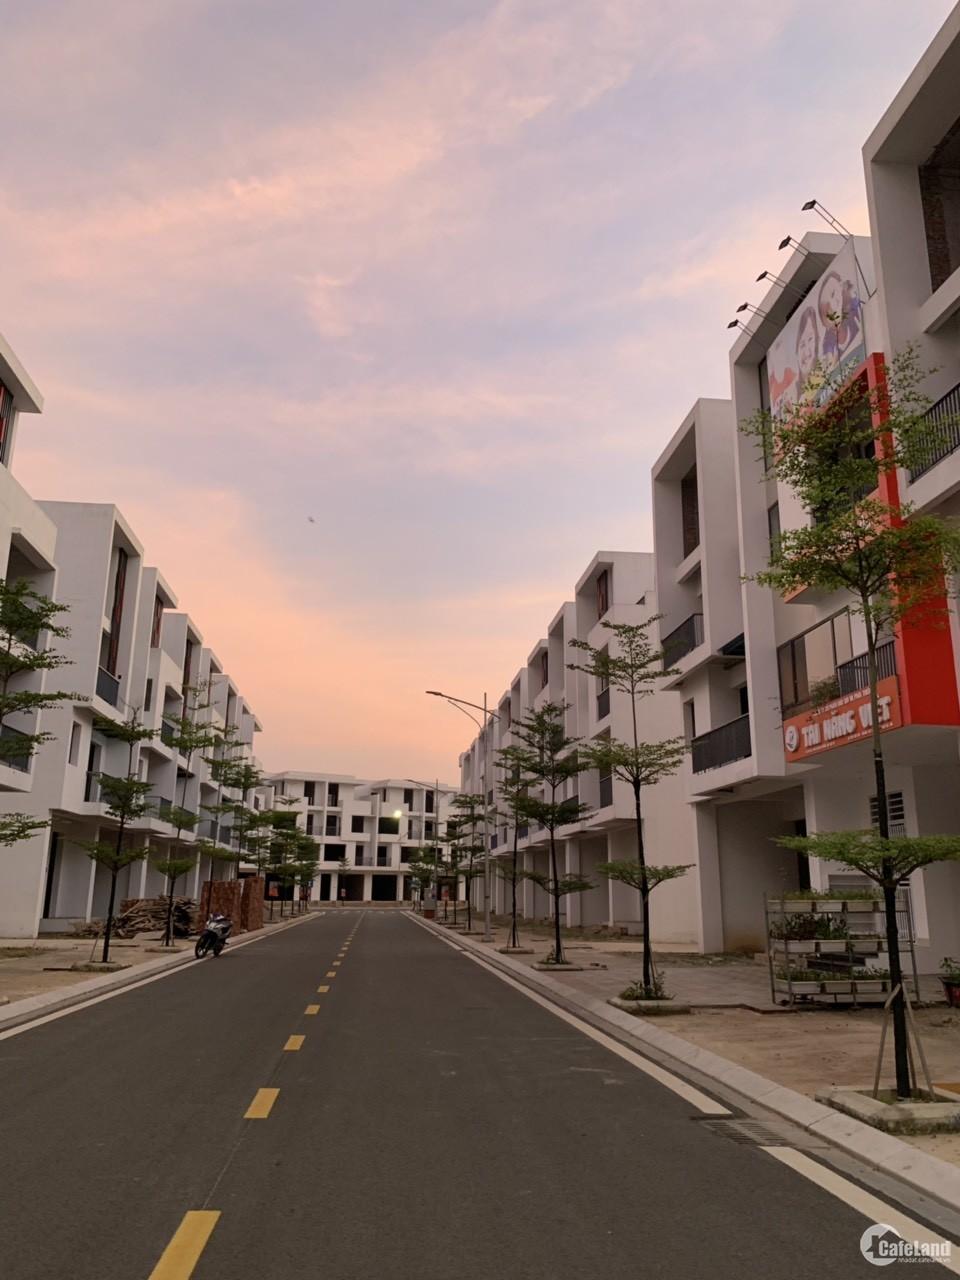 bán nhà liền kề vị trí trung tâm thành phố việt trì, khu đô thị thươn